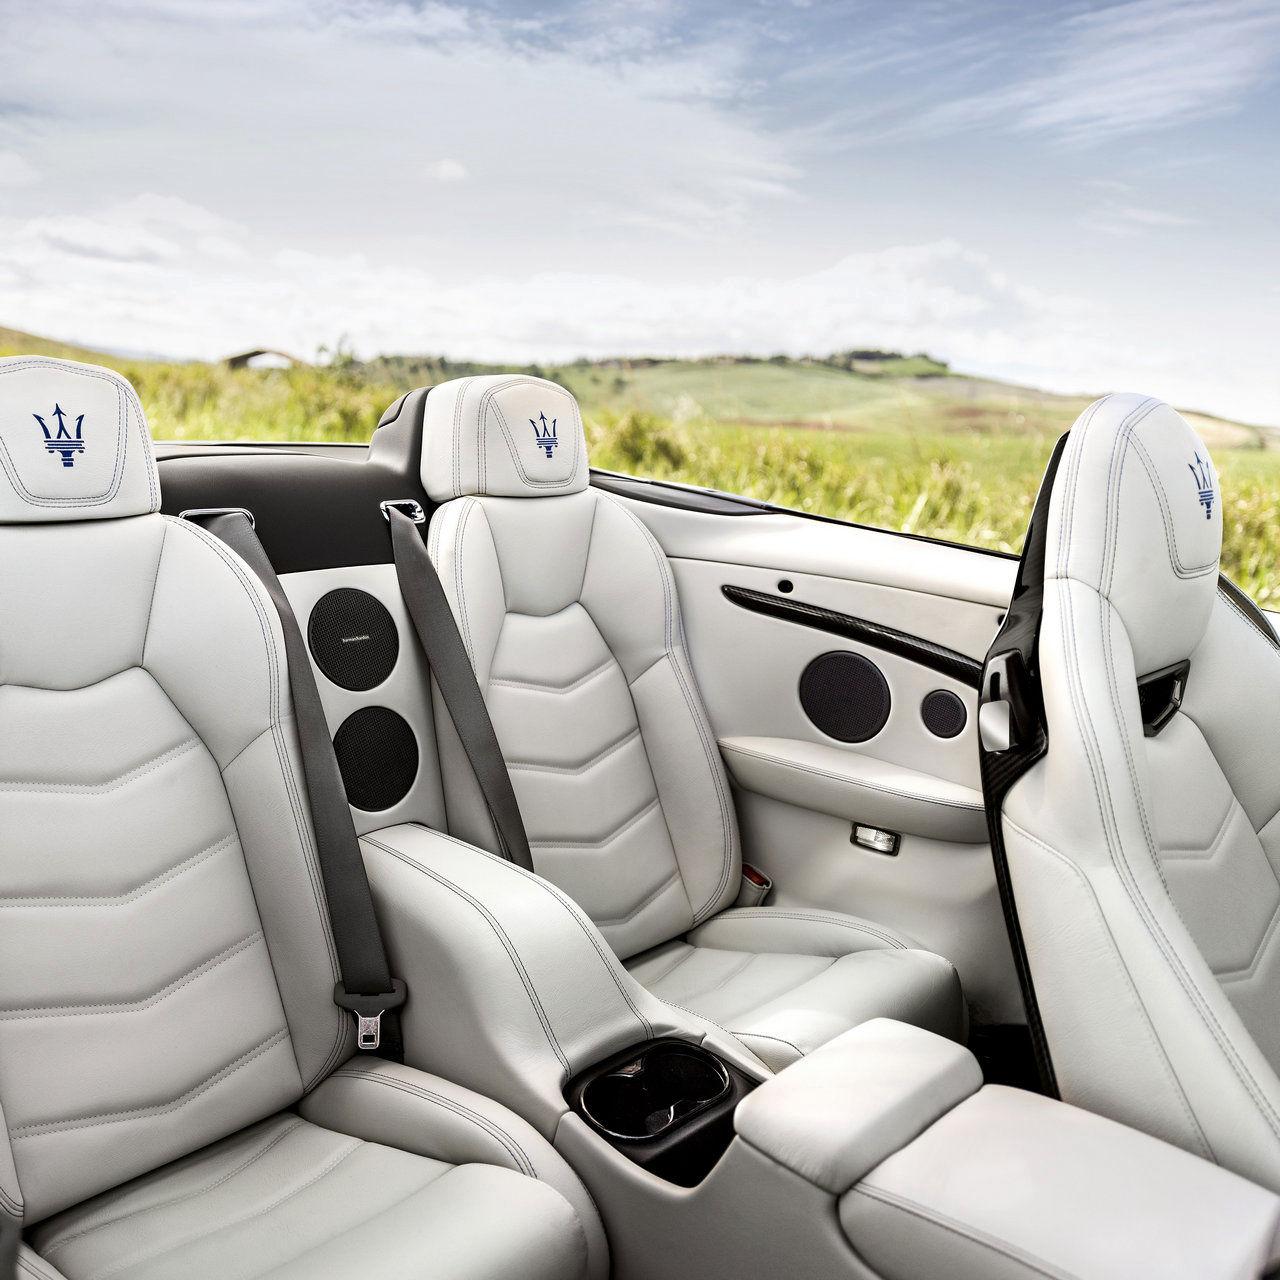 Maserati Cabriolet GranTurismo - Détail de sièges et intérieurs